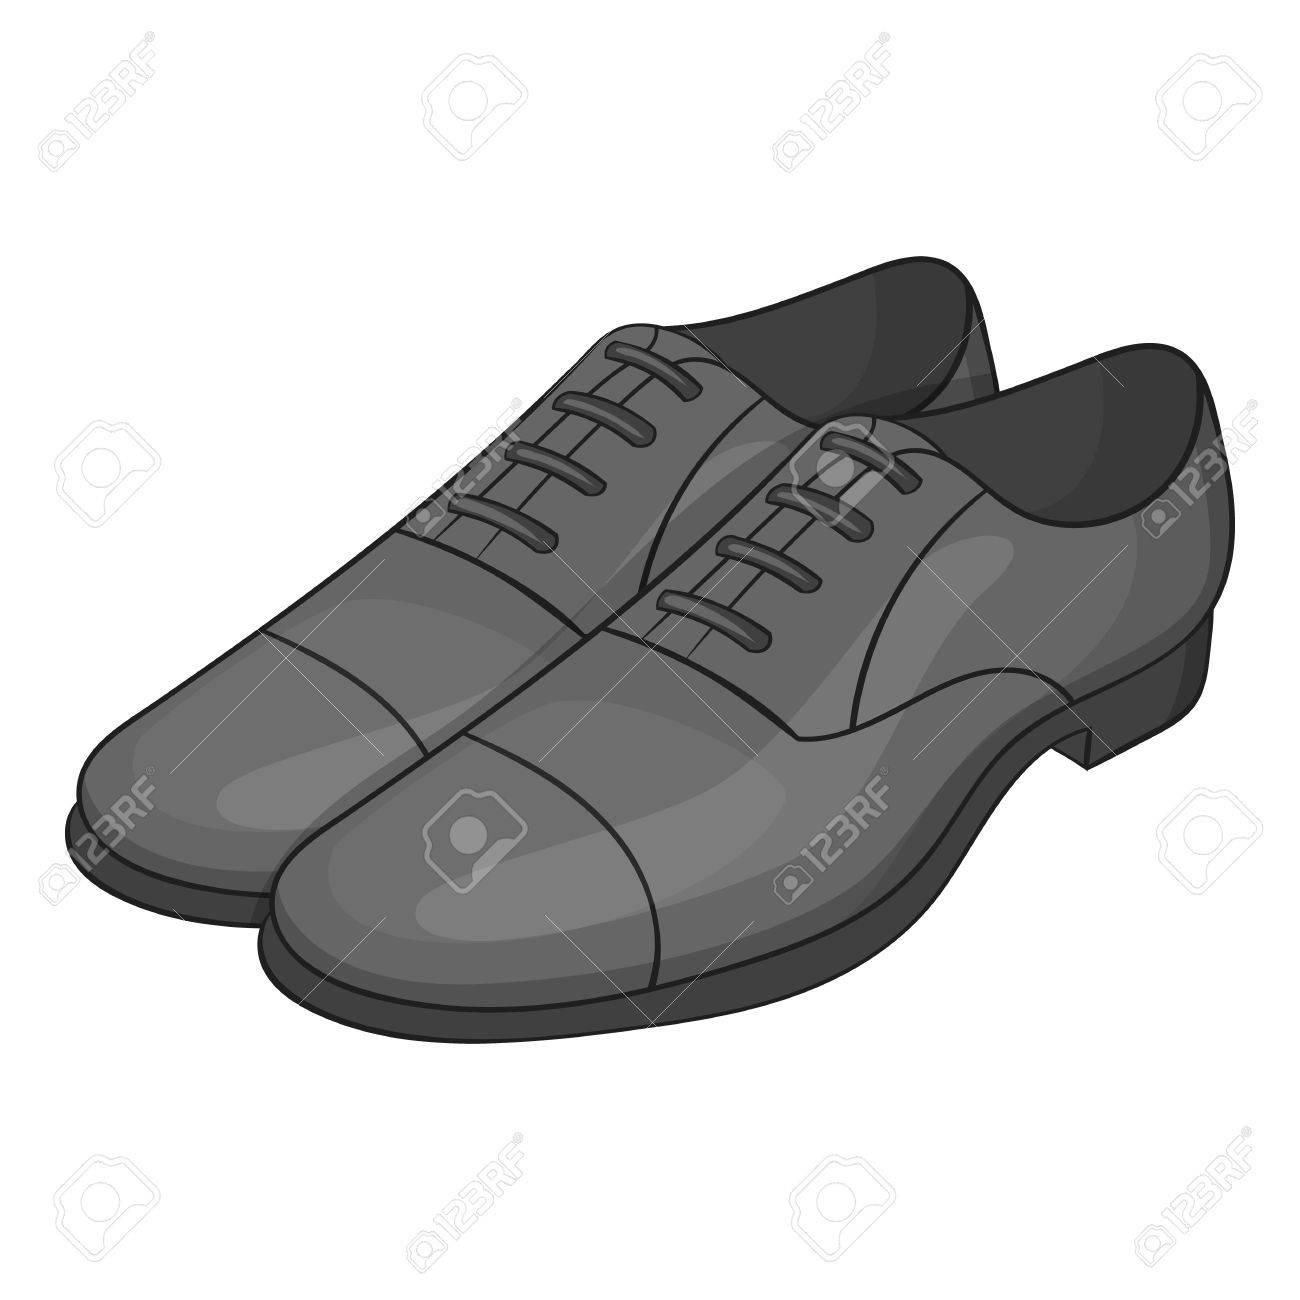 Para hombre icono clásico zapatos de estilo de dibujos animados aislado en el fondo blanco. Use ilustración vectorial símbolo